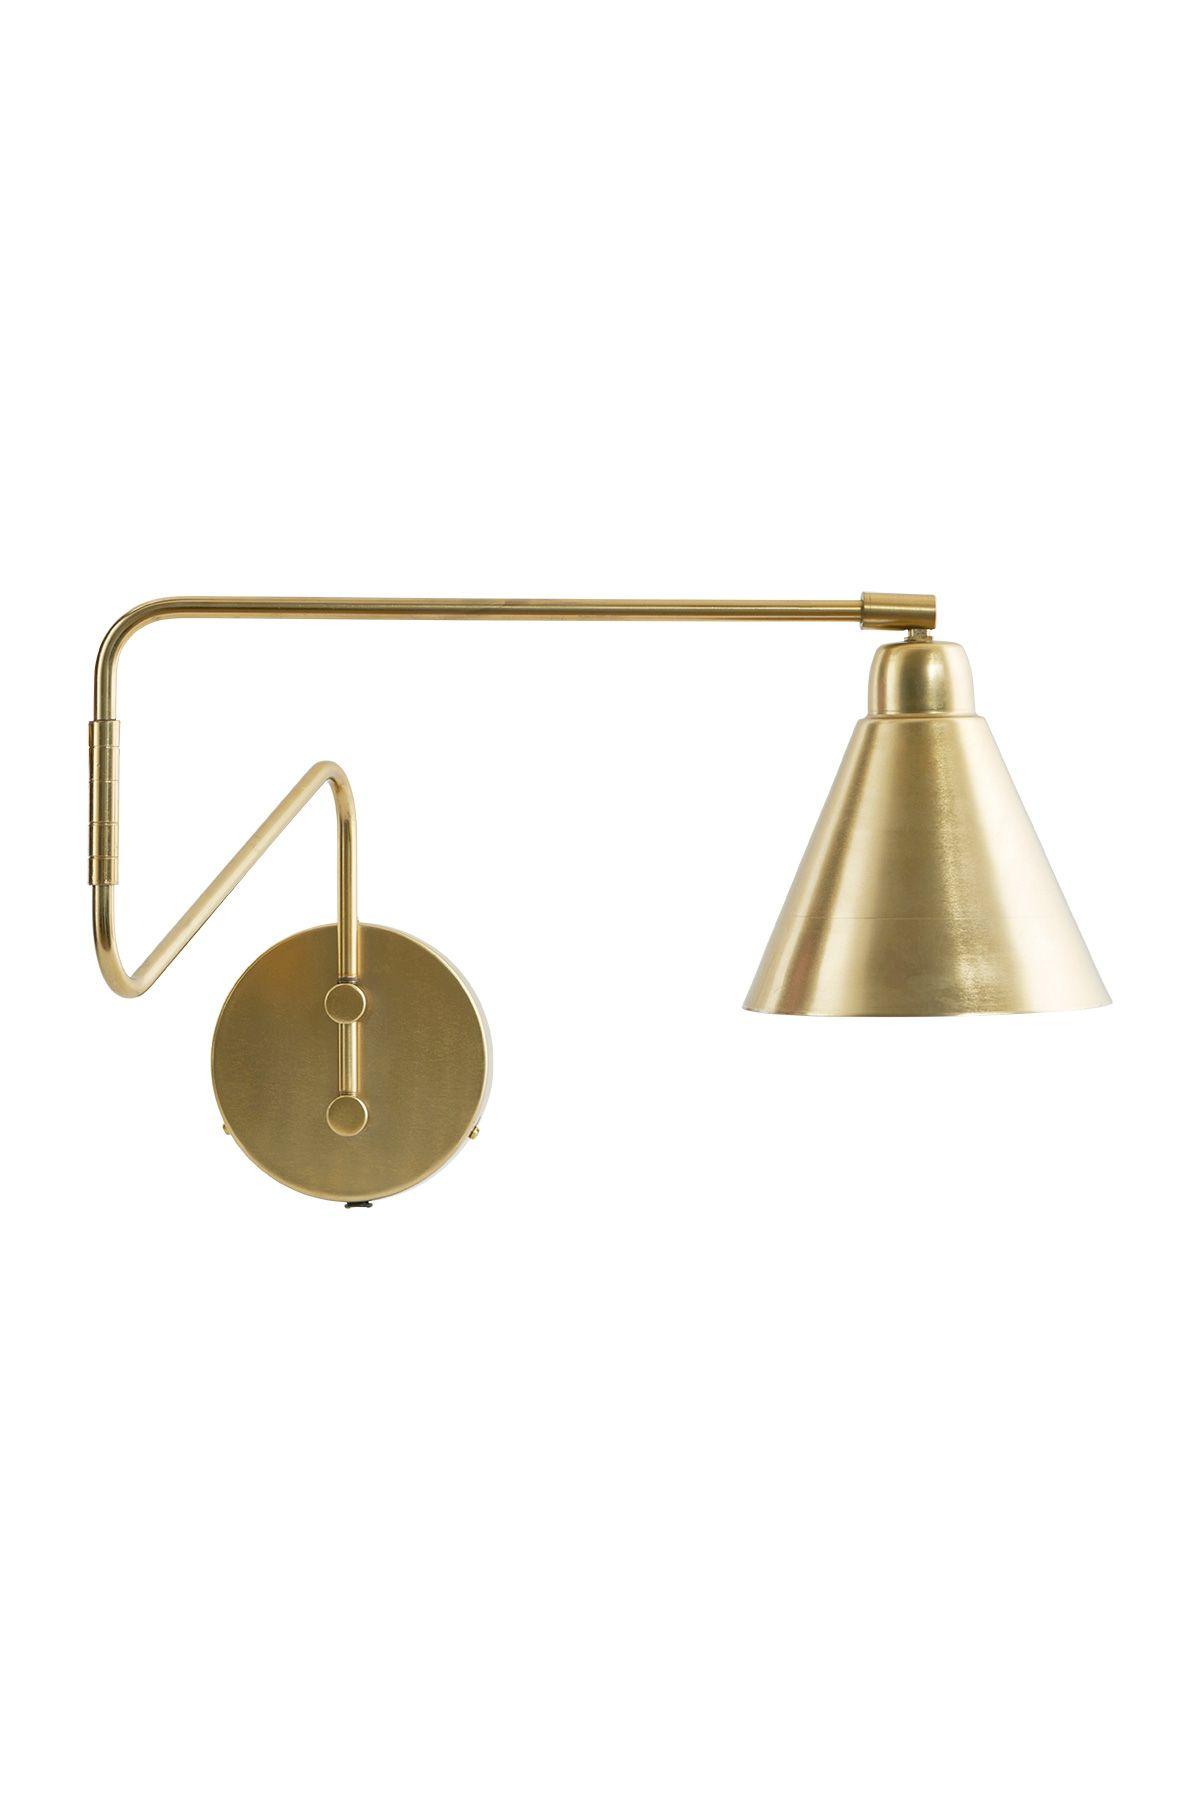 Vegglampi Game Brass Hvitur Wall Lights Wall Lamp Brass Wall Light